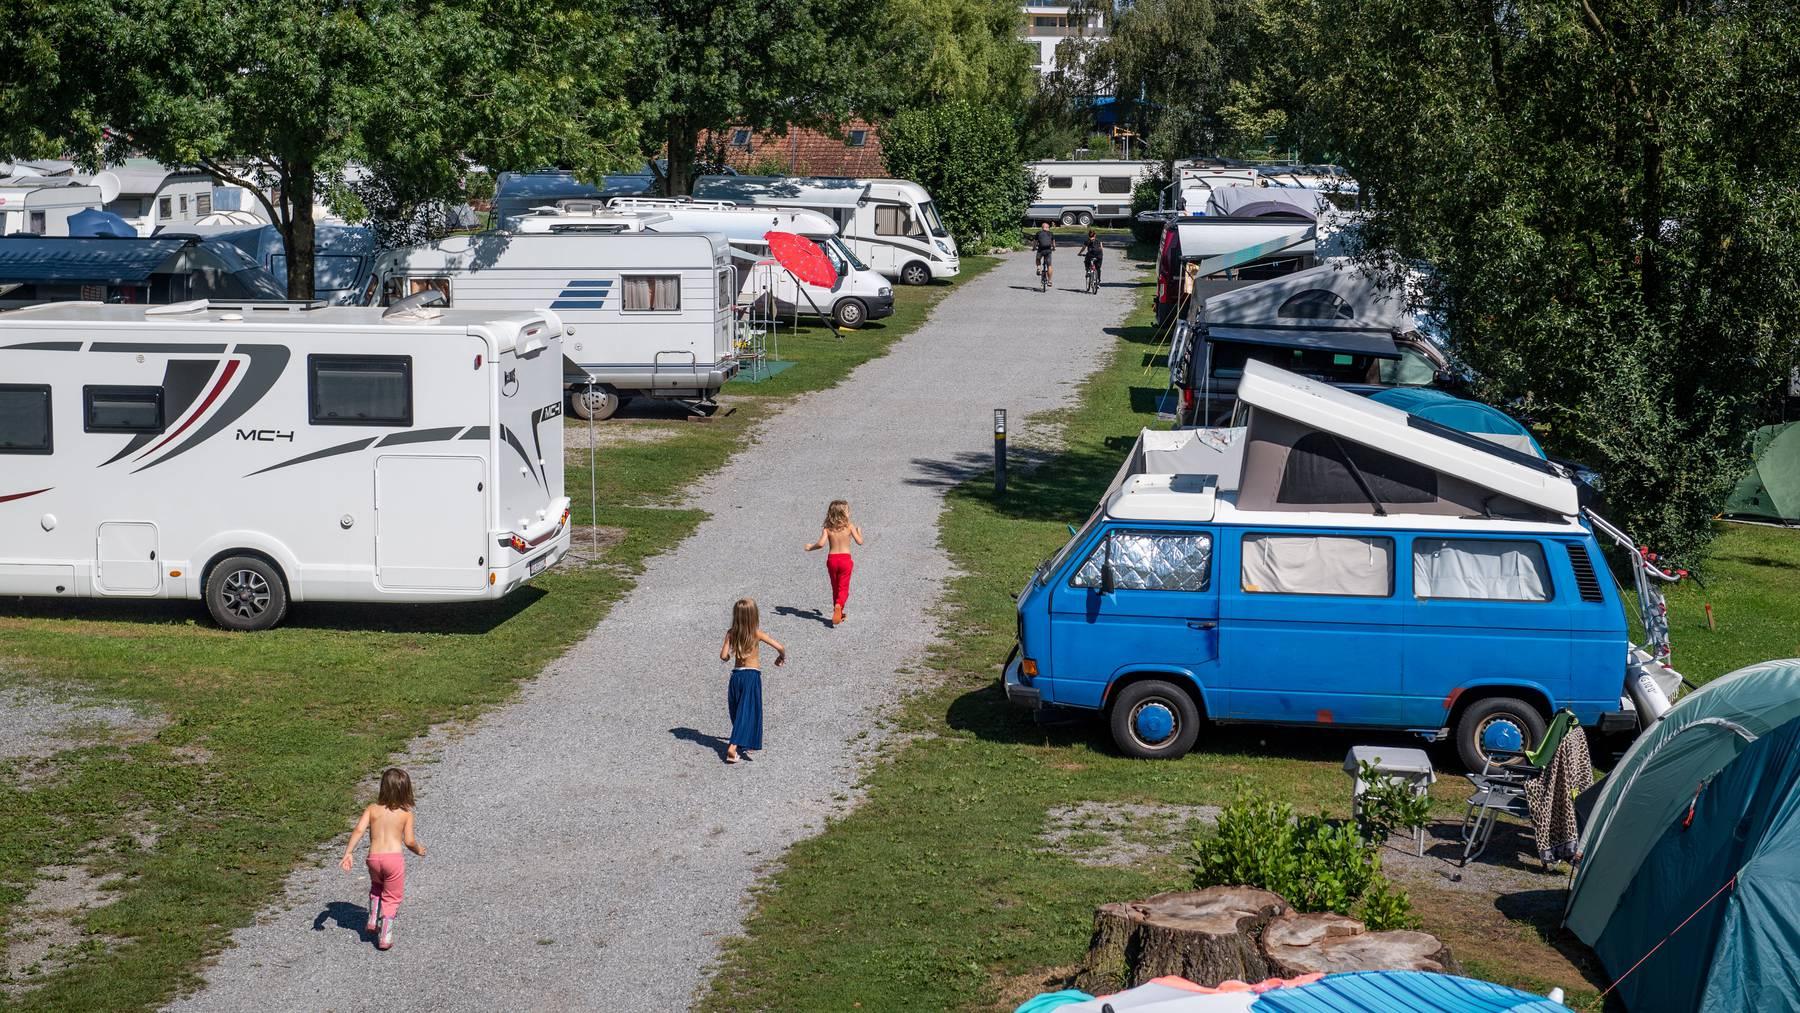 Campingferien können dank eines neuen Live-Tools schneller und einfacher gebucht werden.